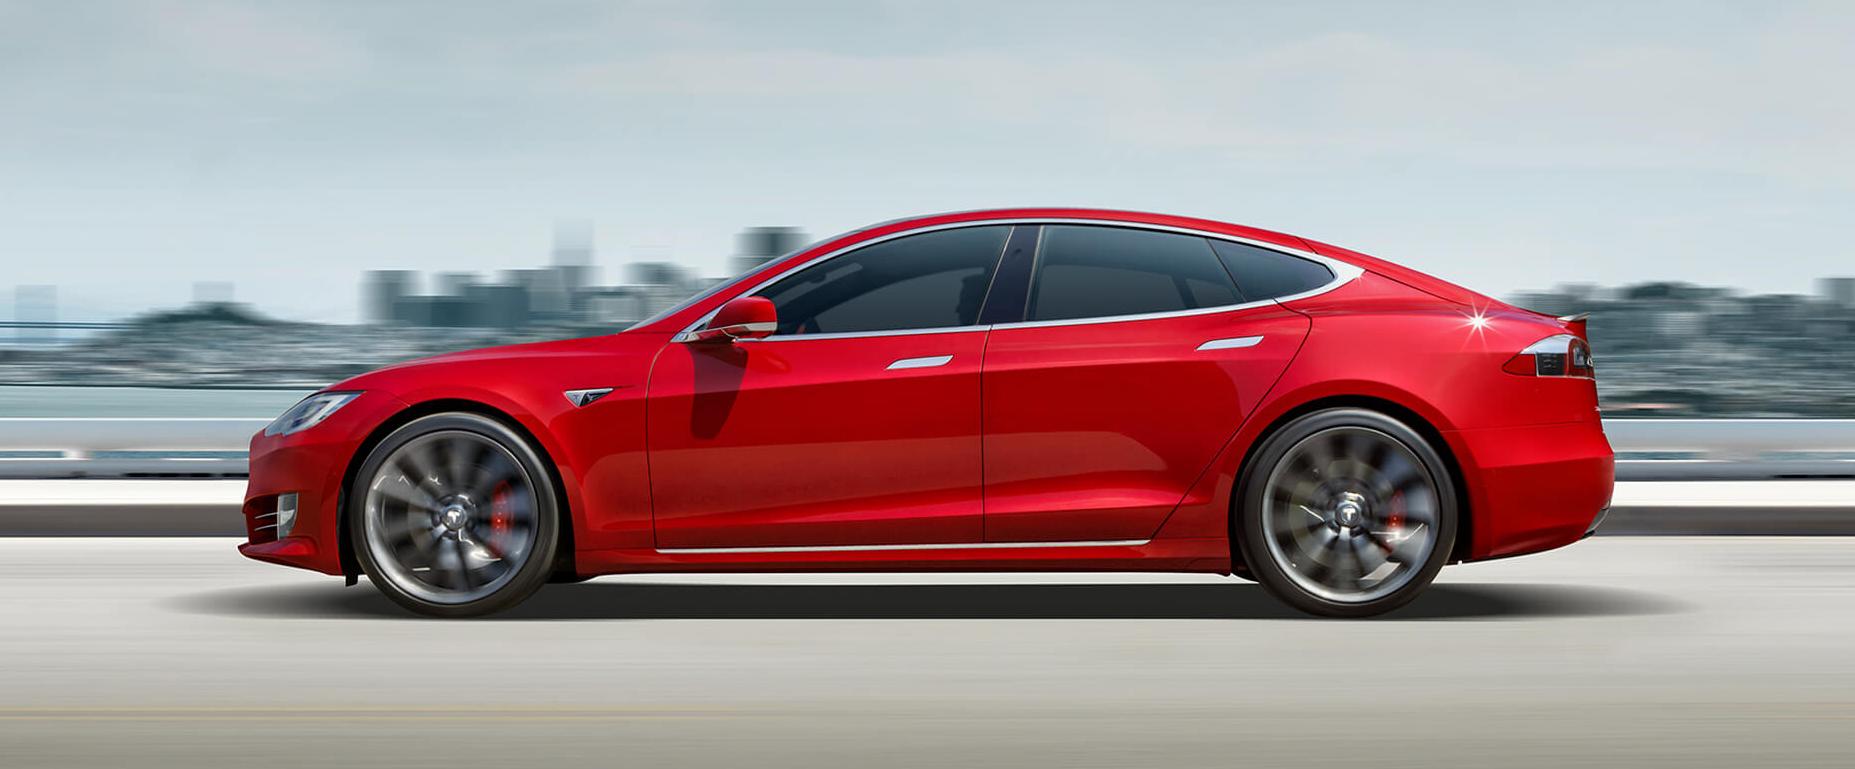 Tesla model 3 luxury car 2017 wallpaper cars wallpapers pinterest luxury cars car wallpapers and cars